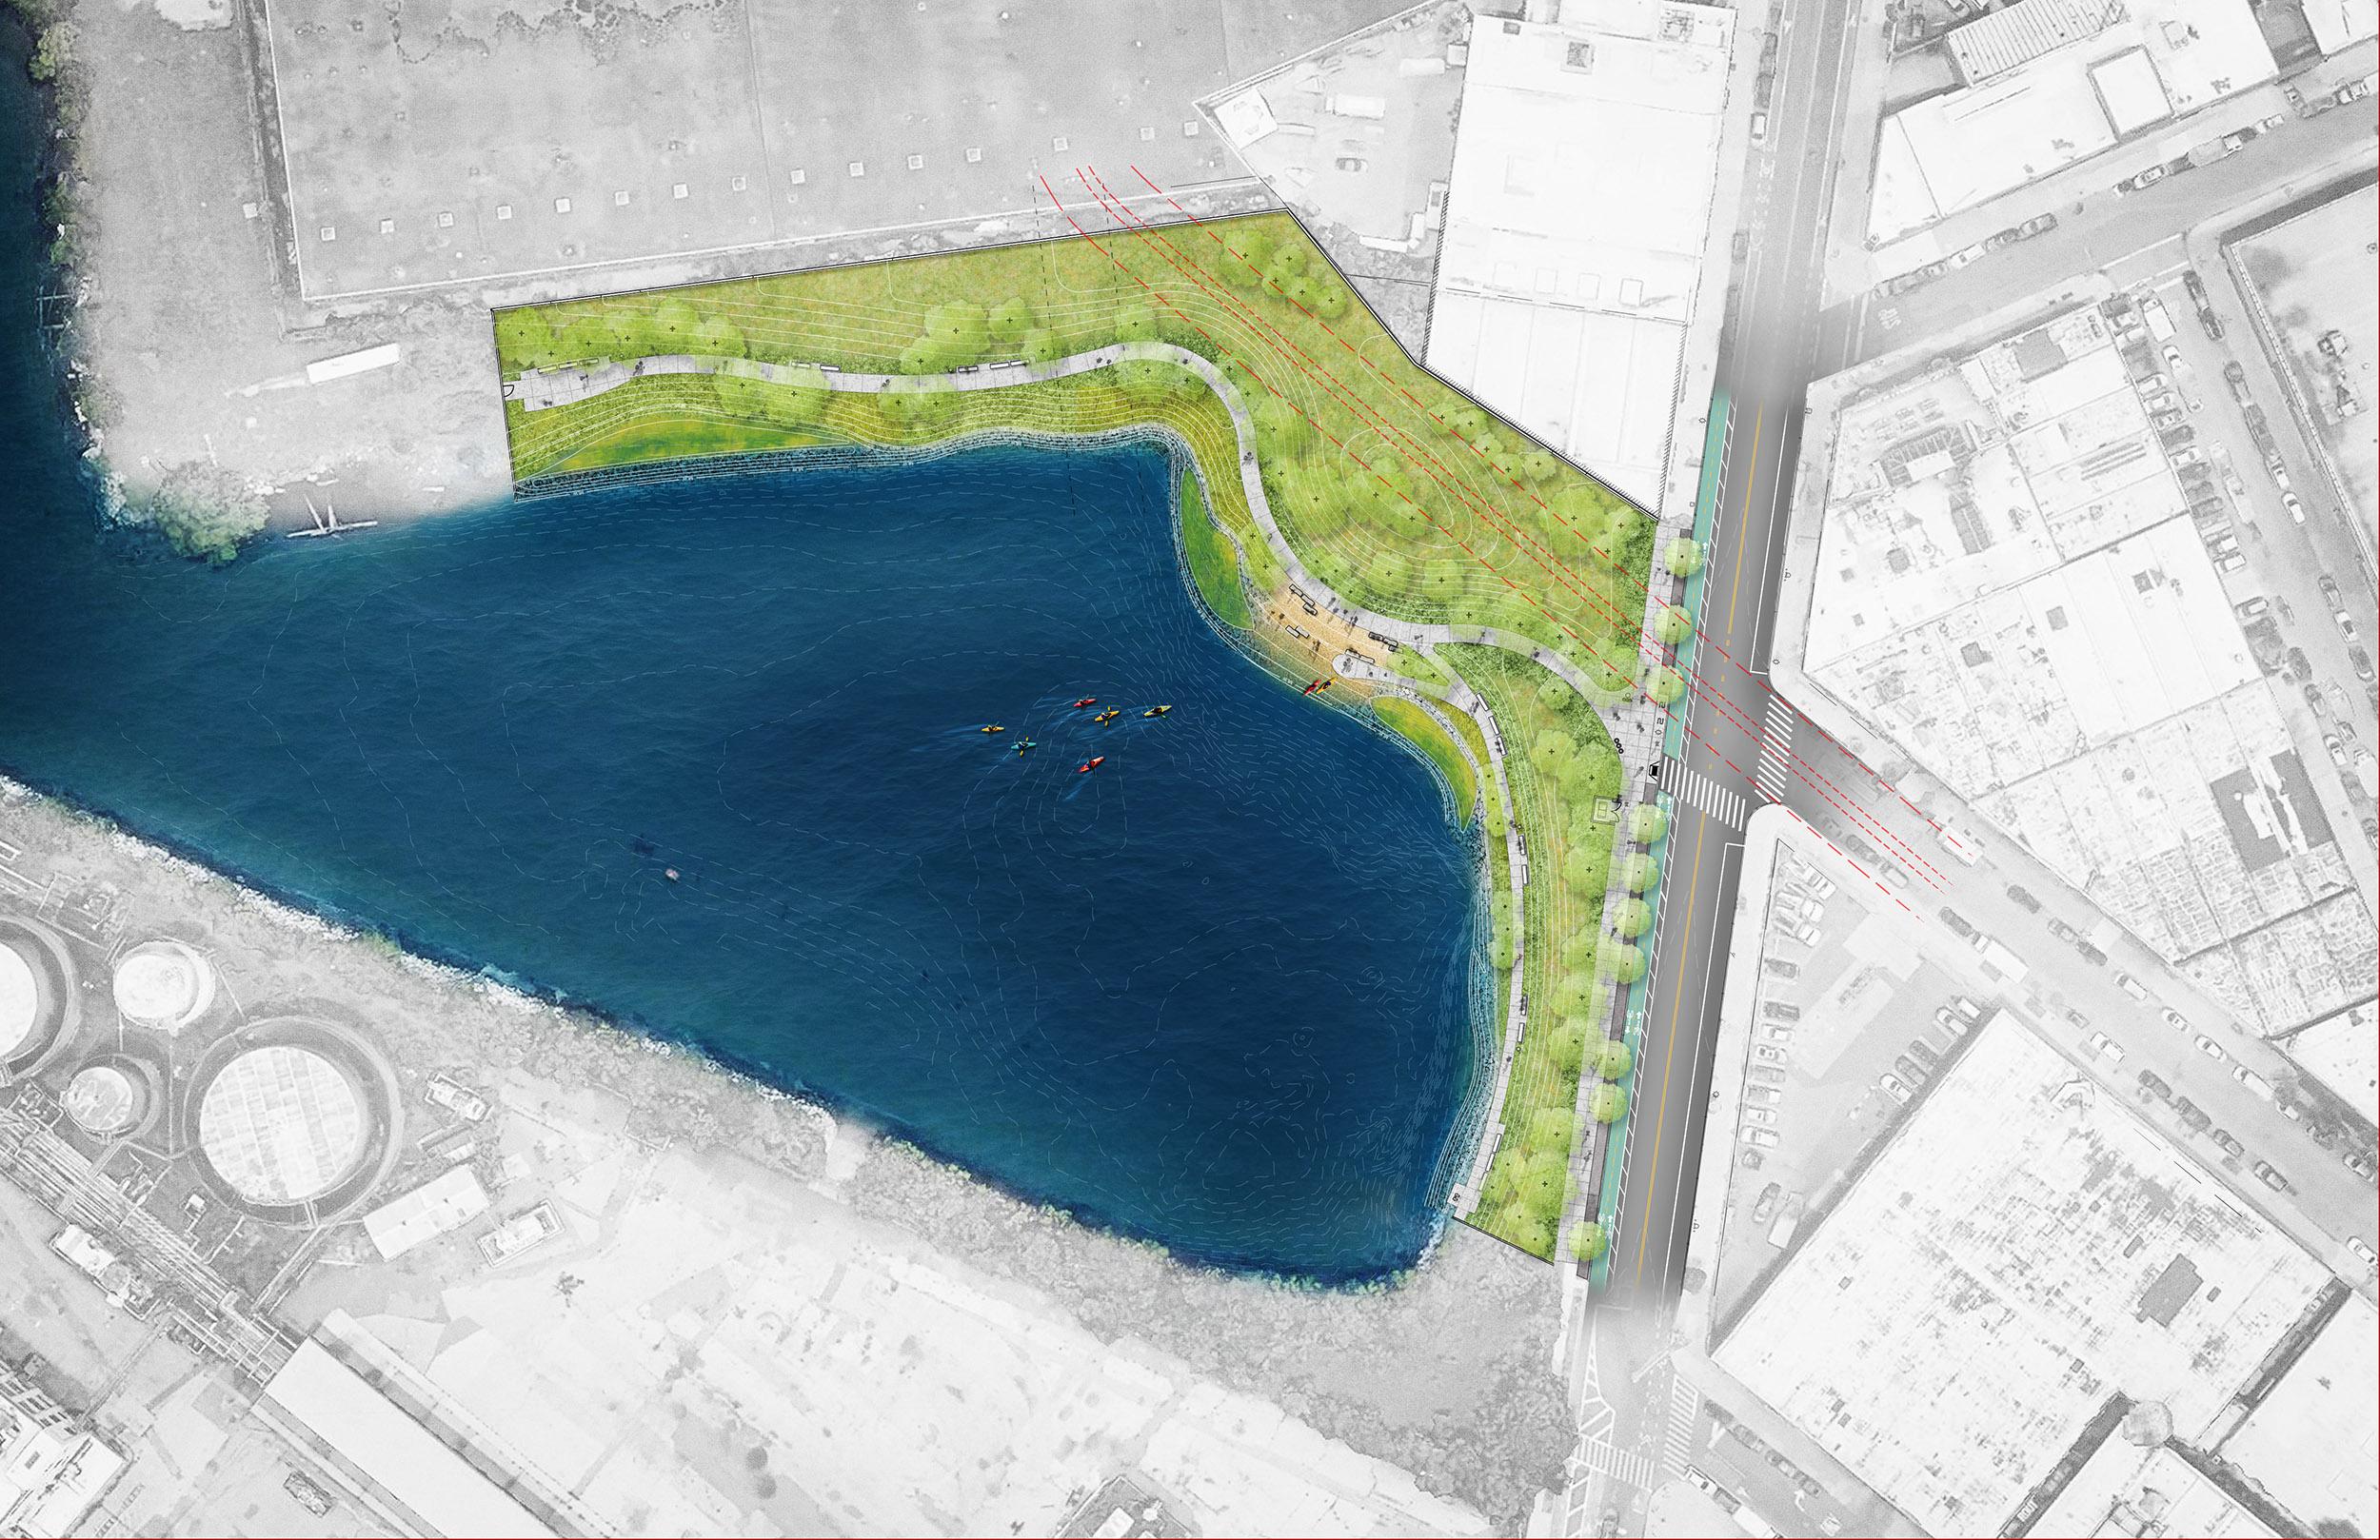 Proposed Bushwick Inlet Park Plan